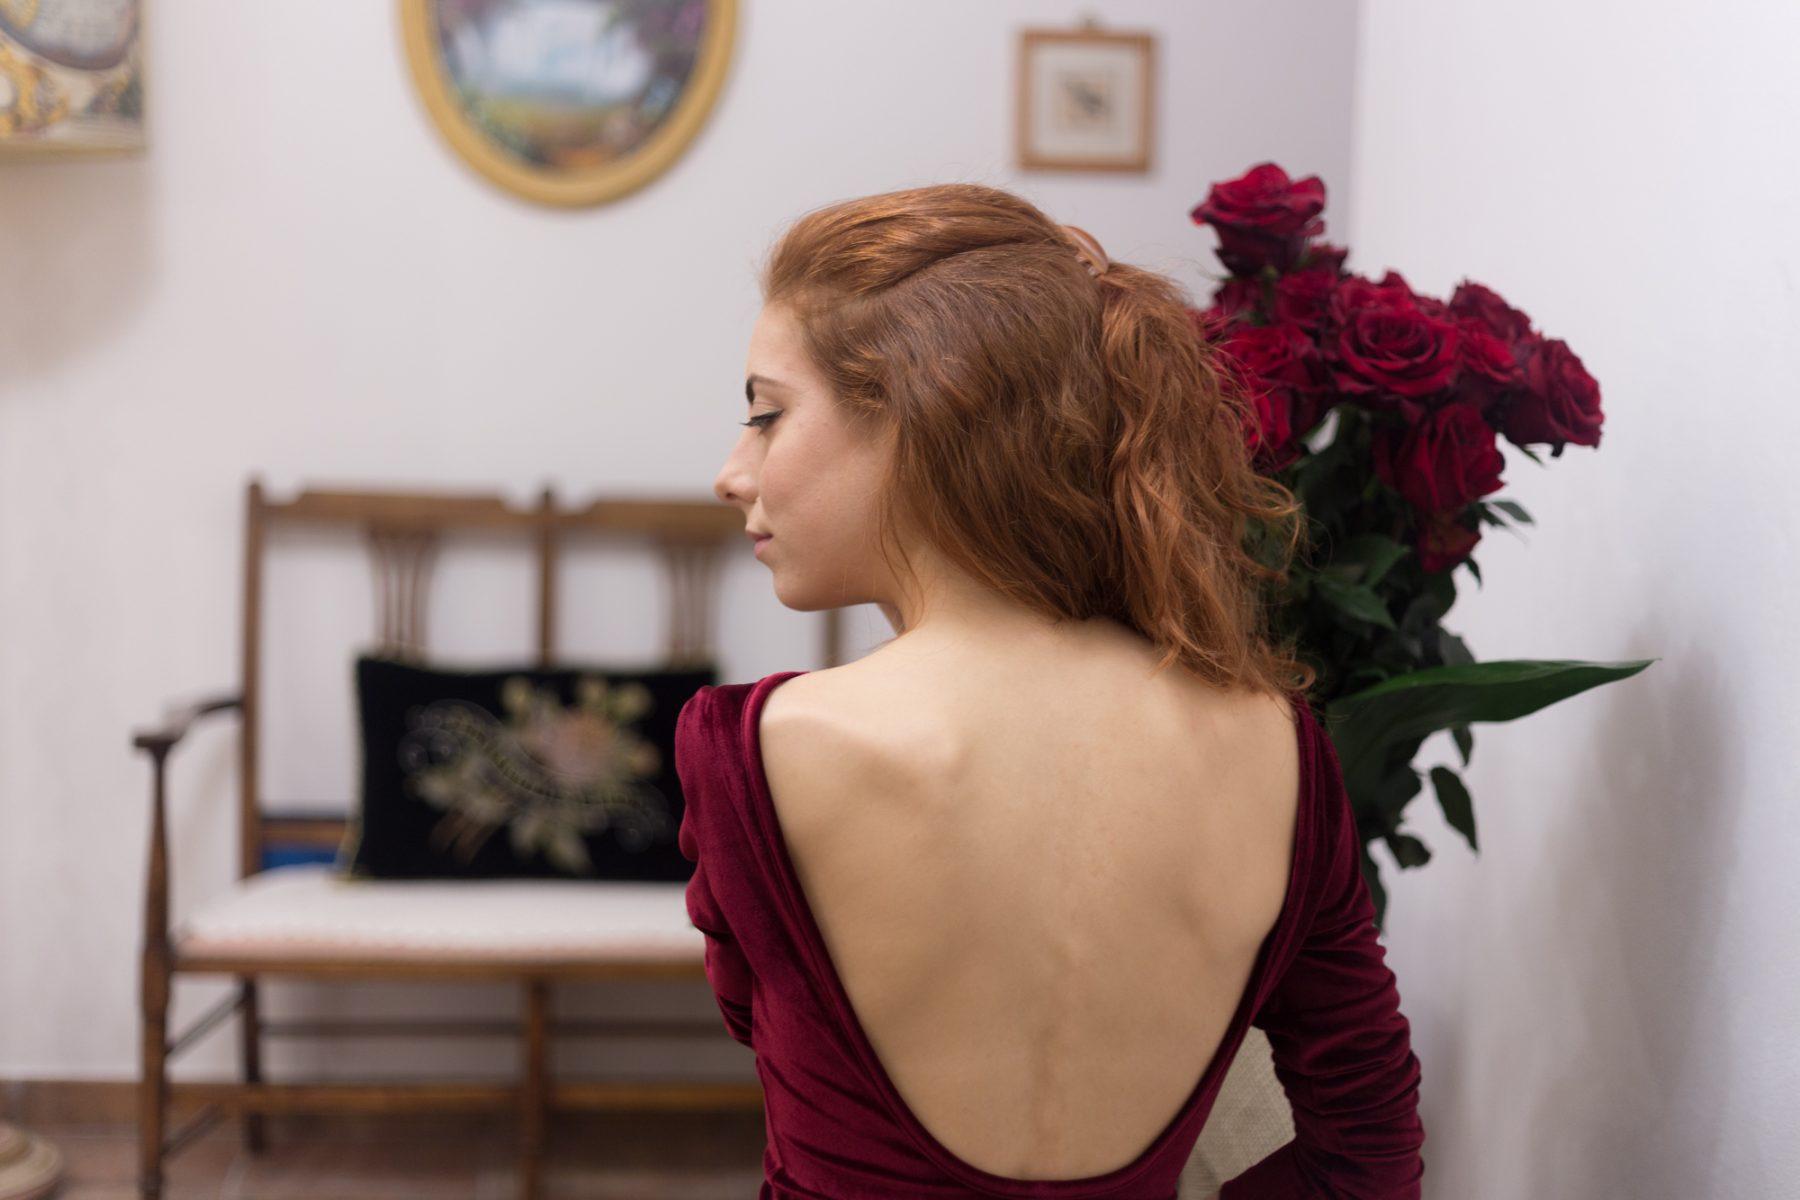 outfit per natale elegante con un vestito rosso con scollo sulla schiena